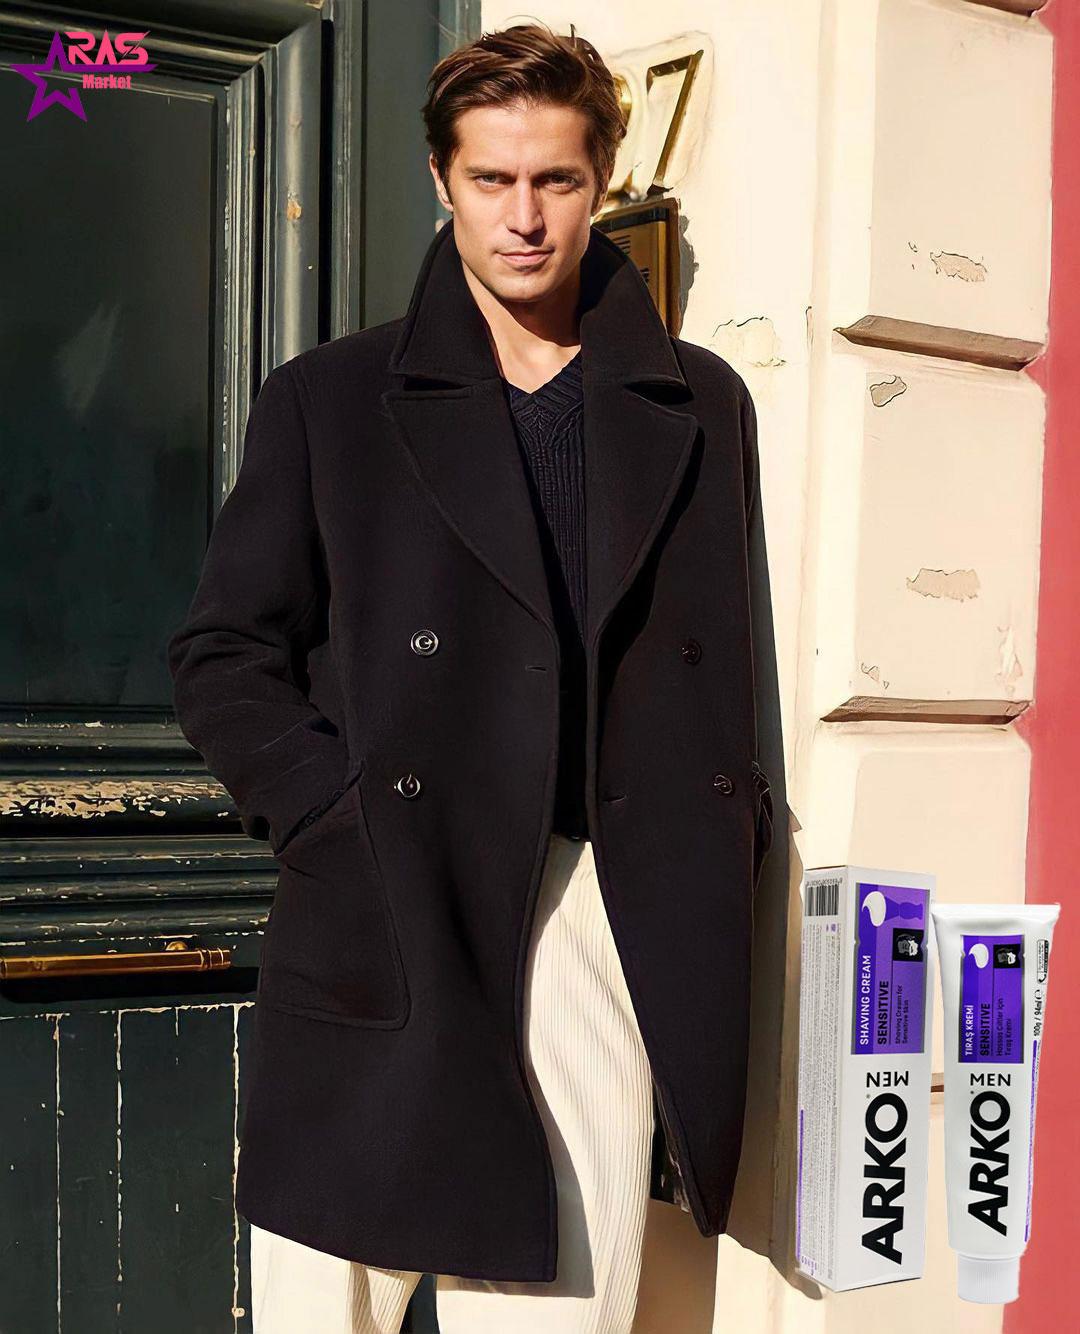 خمیر اصلاح آرکو مدل Sensitive مخصوص پوست های حساس 100 میلی لیتر ، خرید اینترنتی محصولات شوینده و بهداشتی ، بهداشت آقایان ، خمیر ریش آرکو